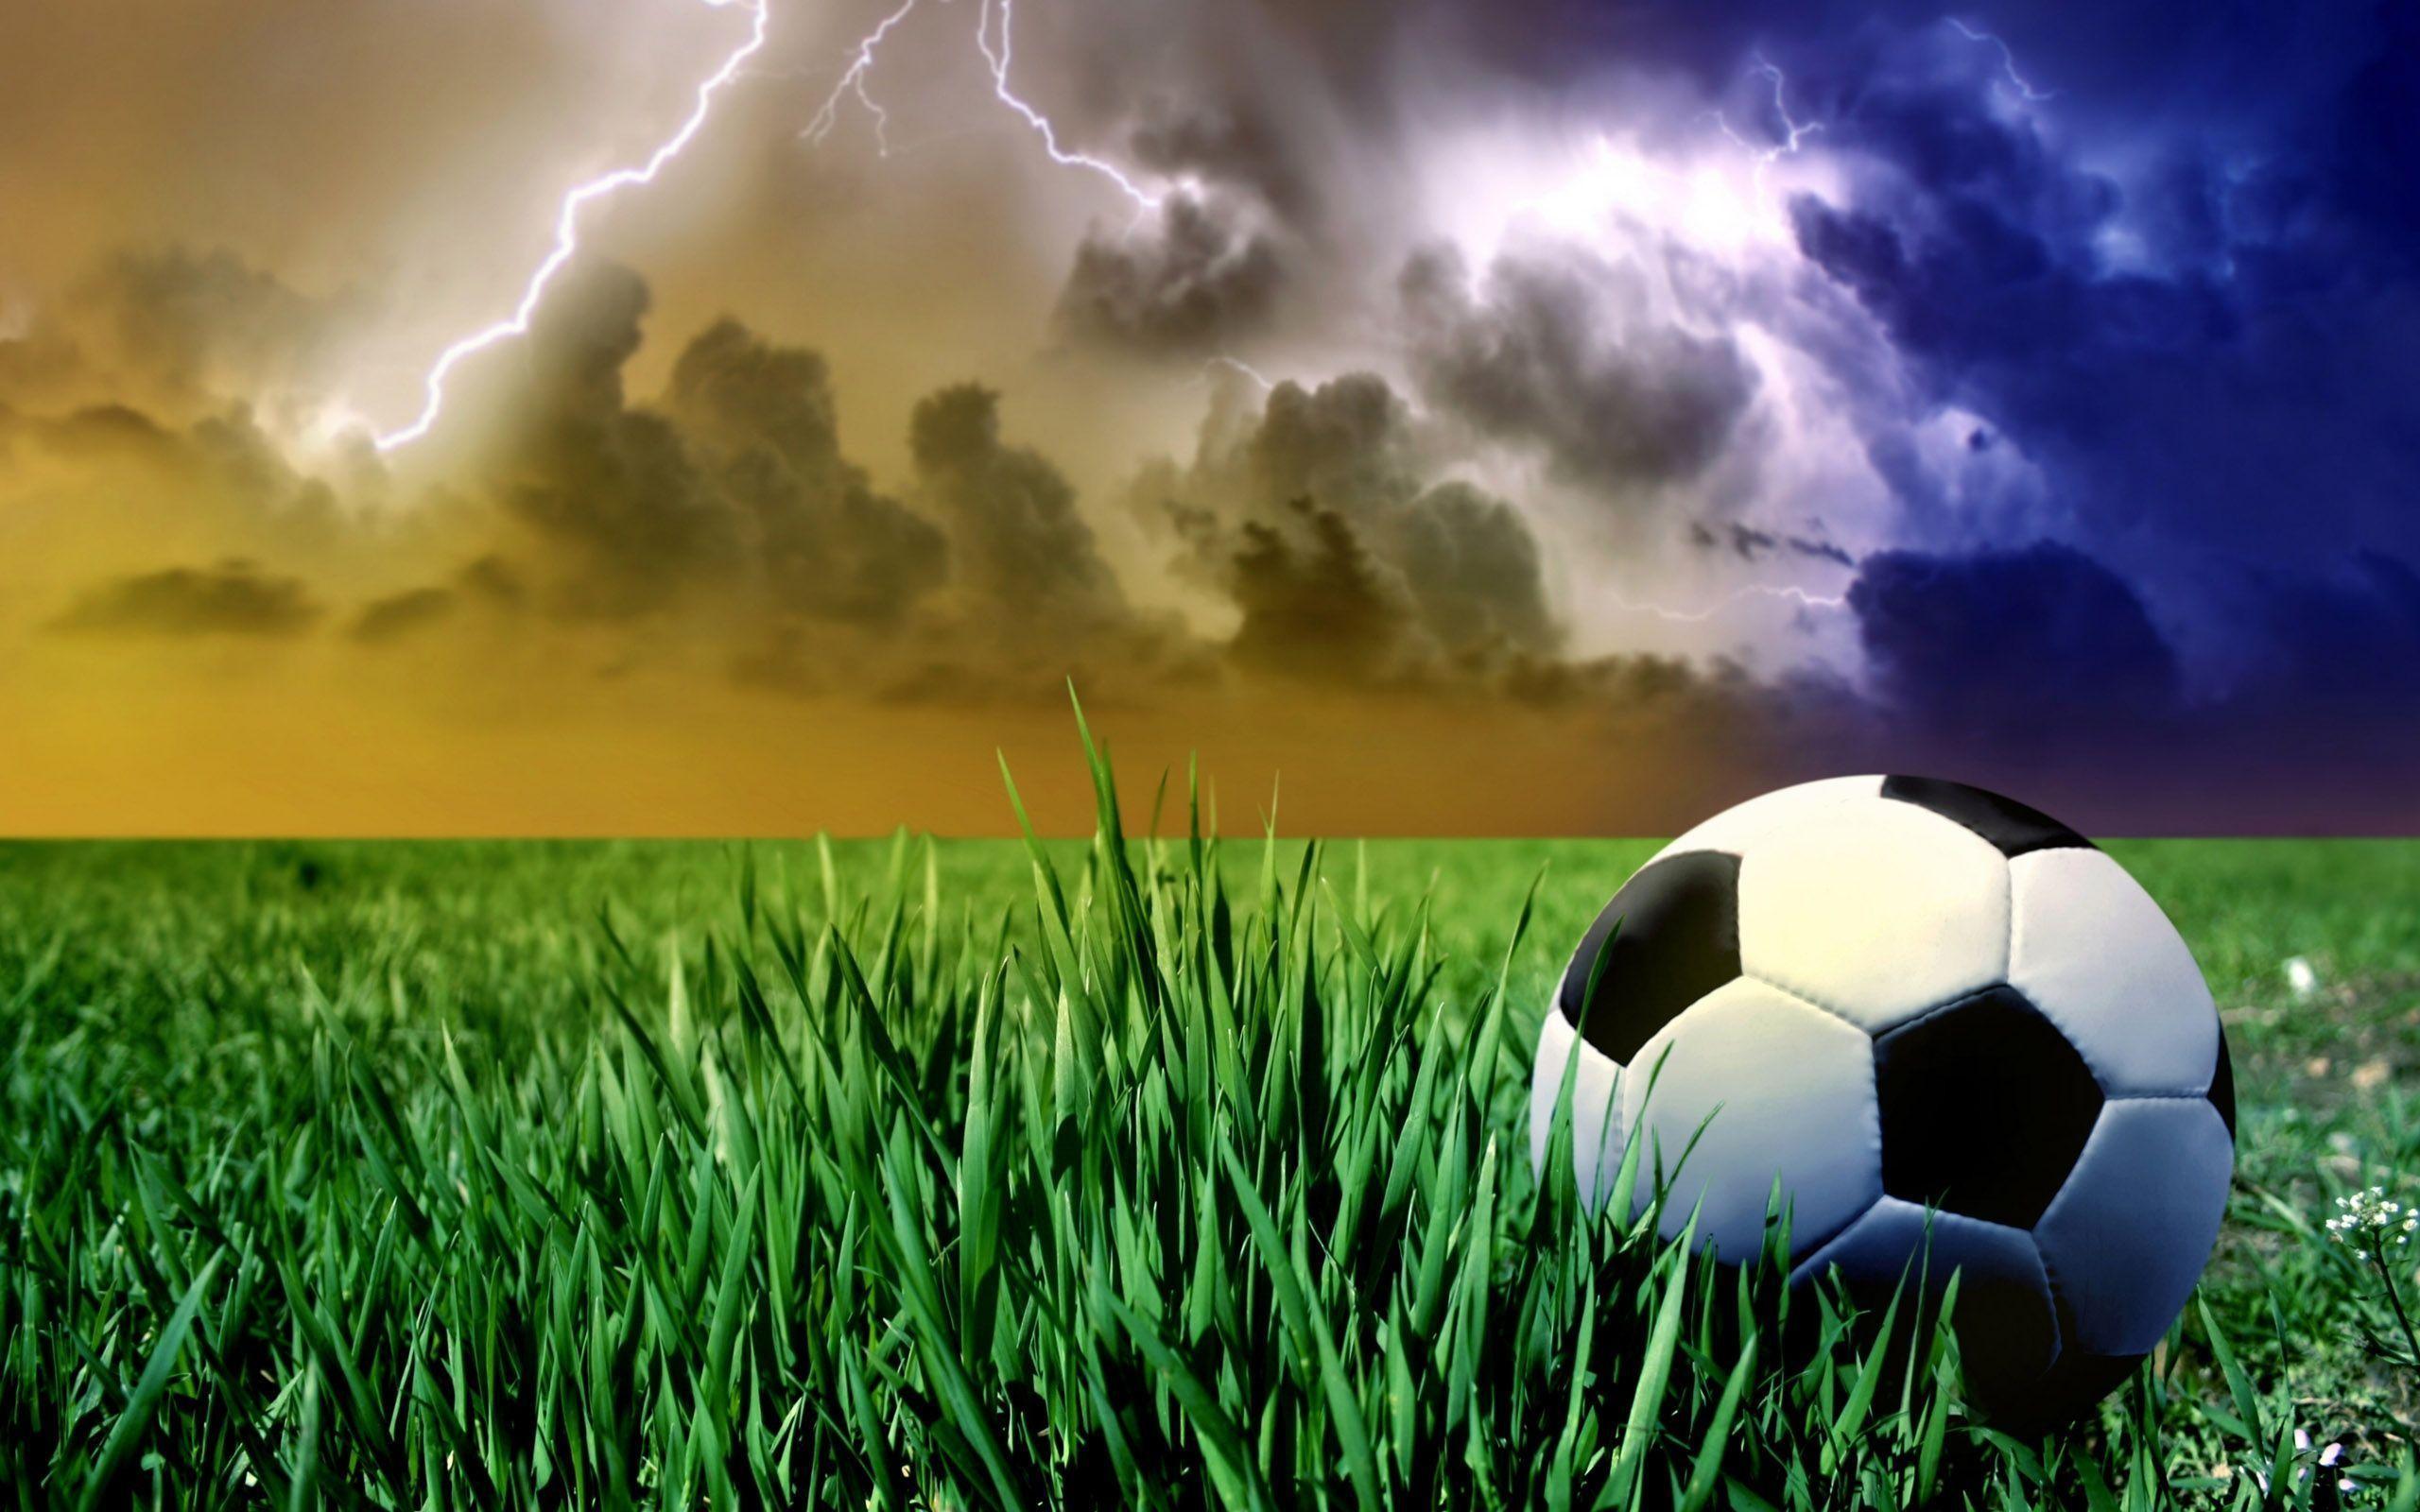 Soccer Desktop Backgrounds (62+ Images